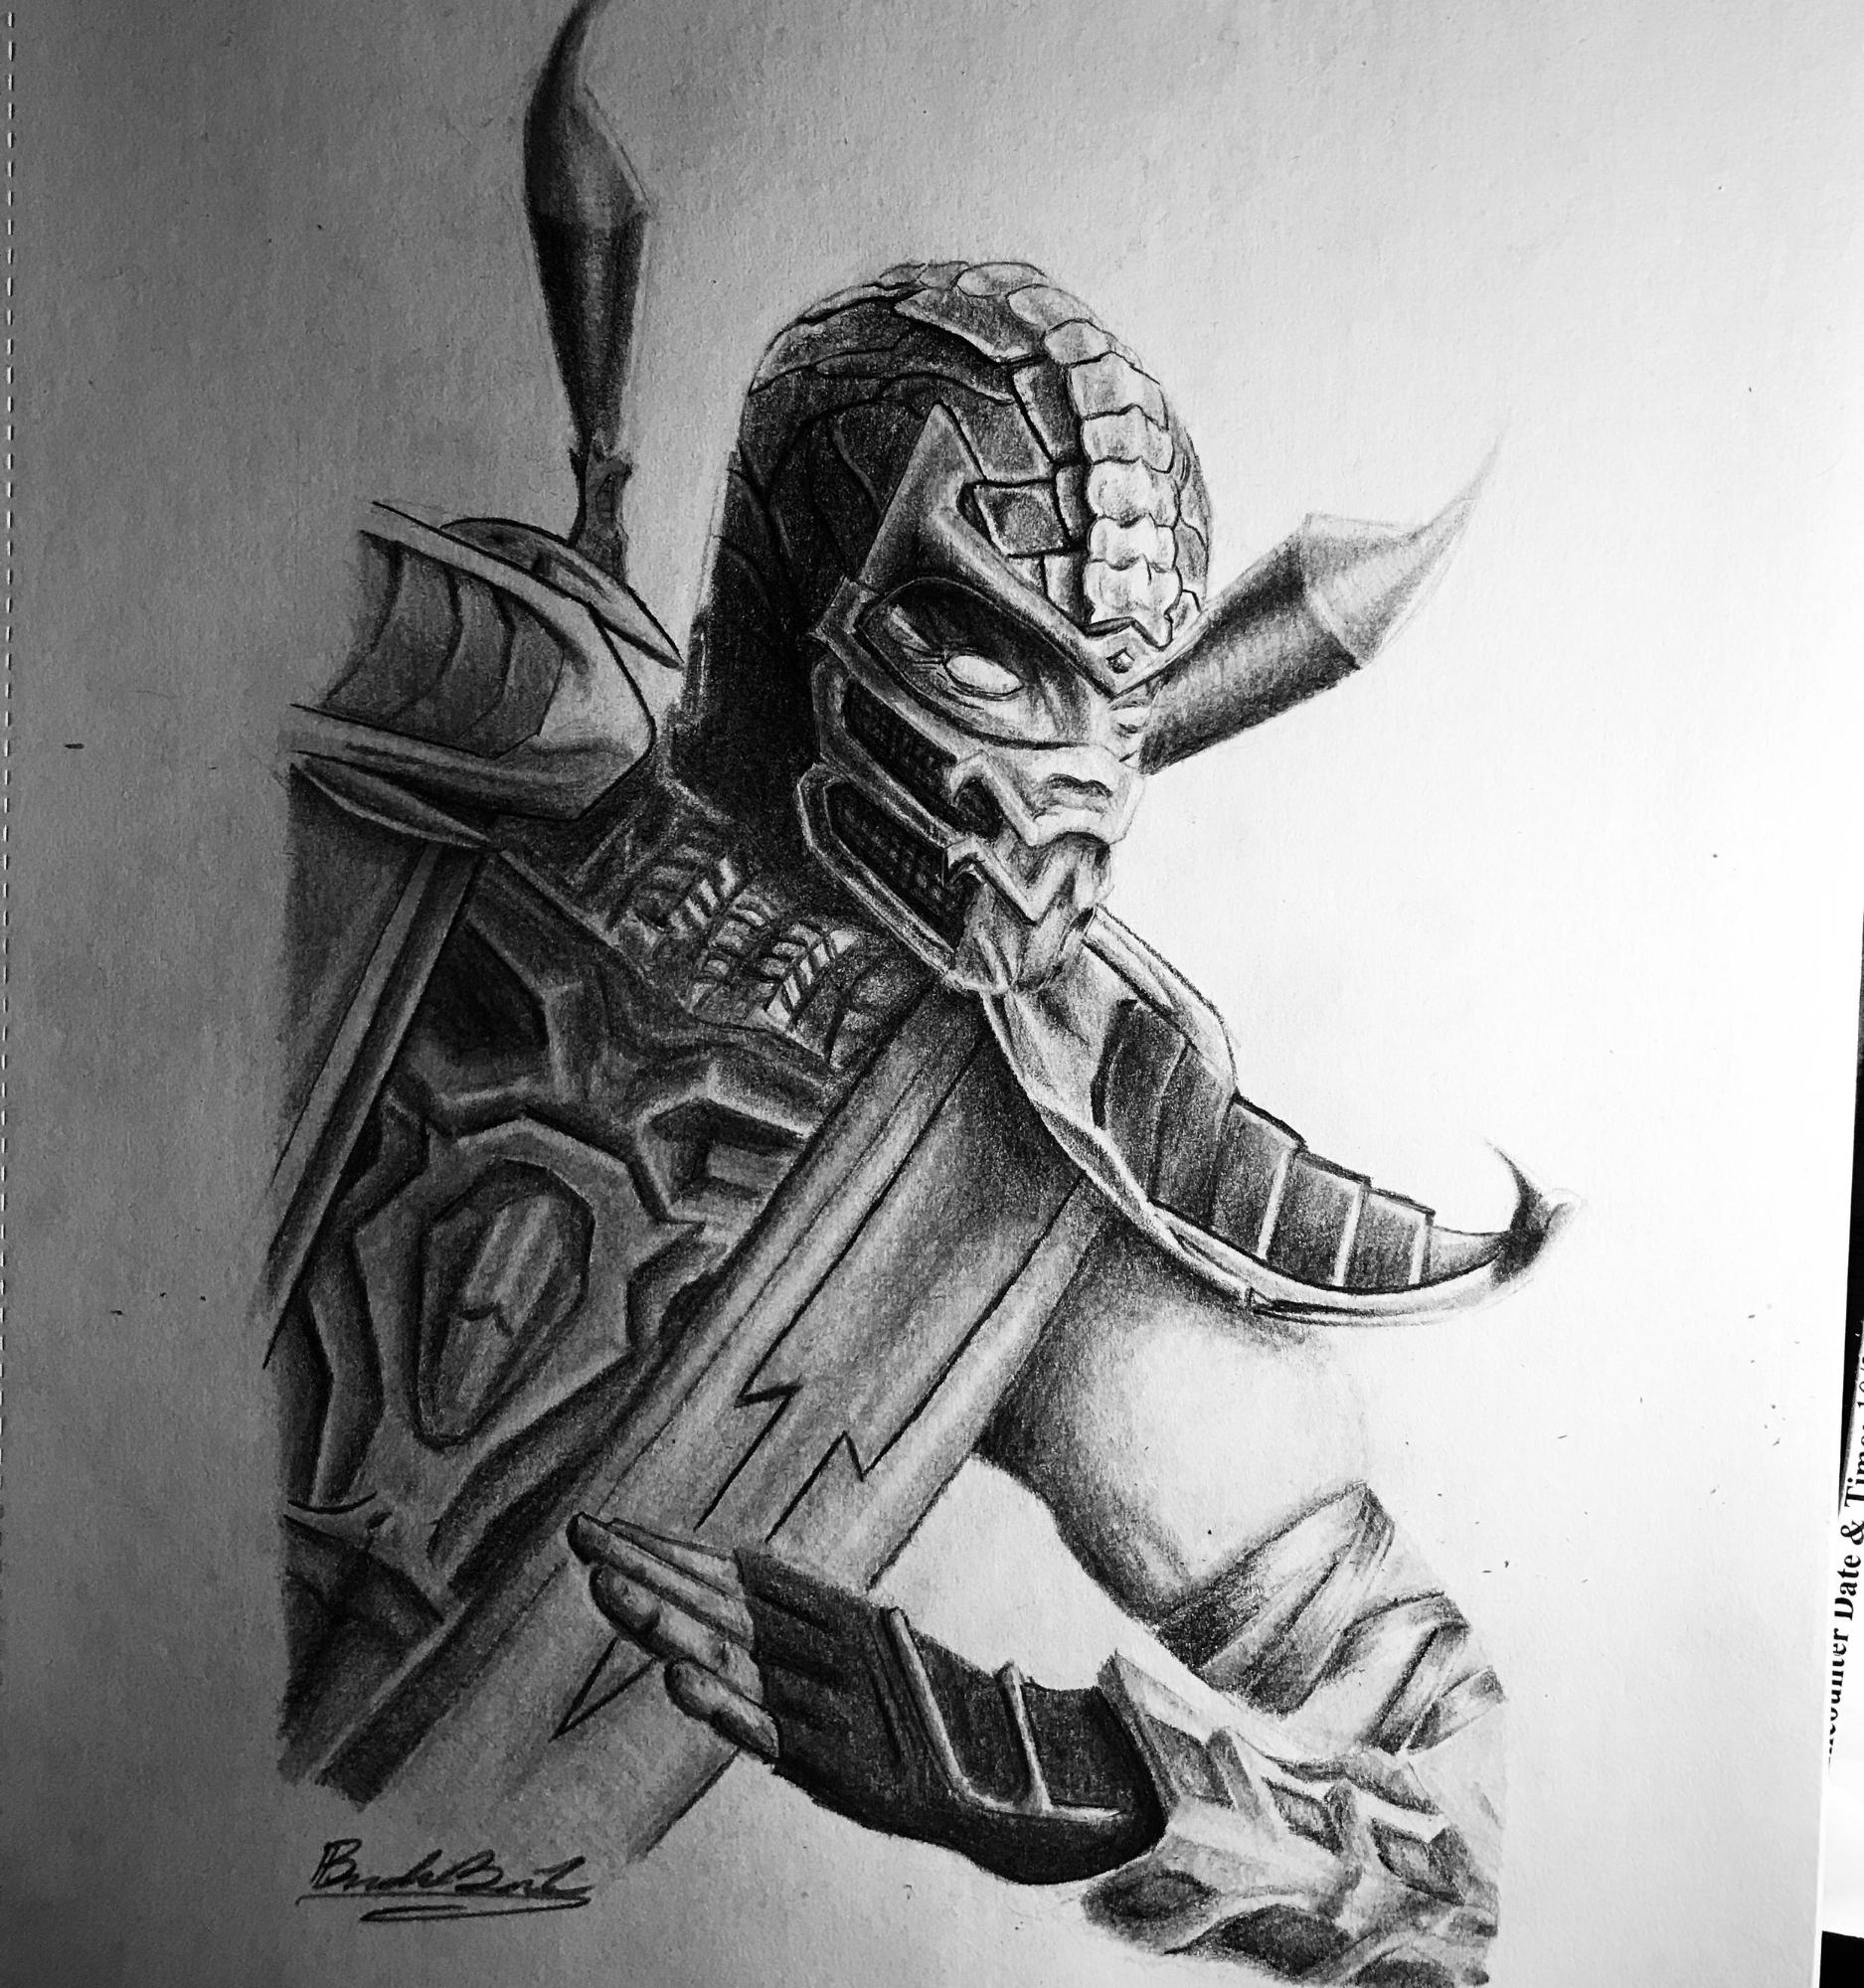 Draw Scorpion Mortal Kombat Brandon Brown Jr